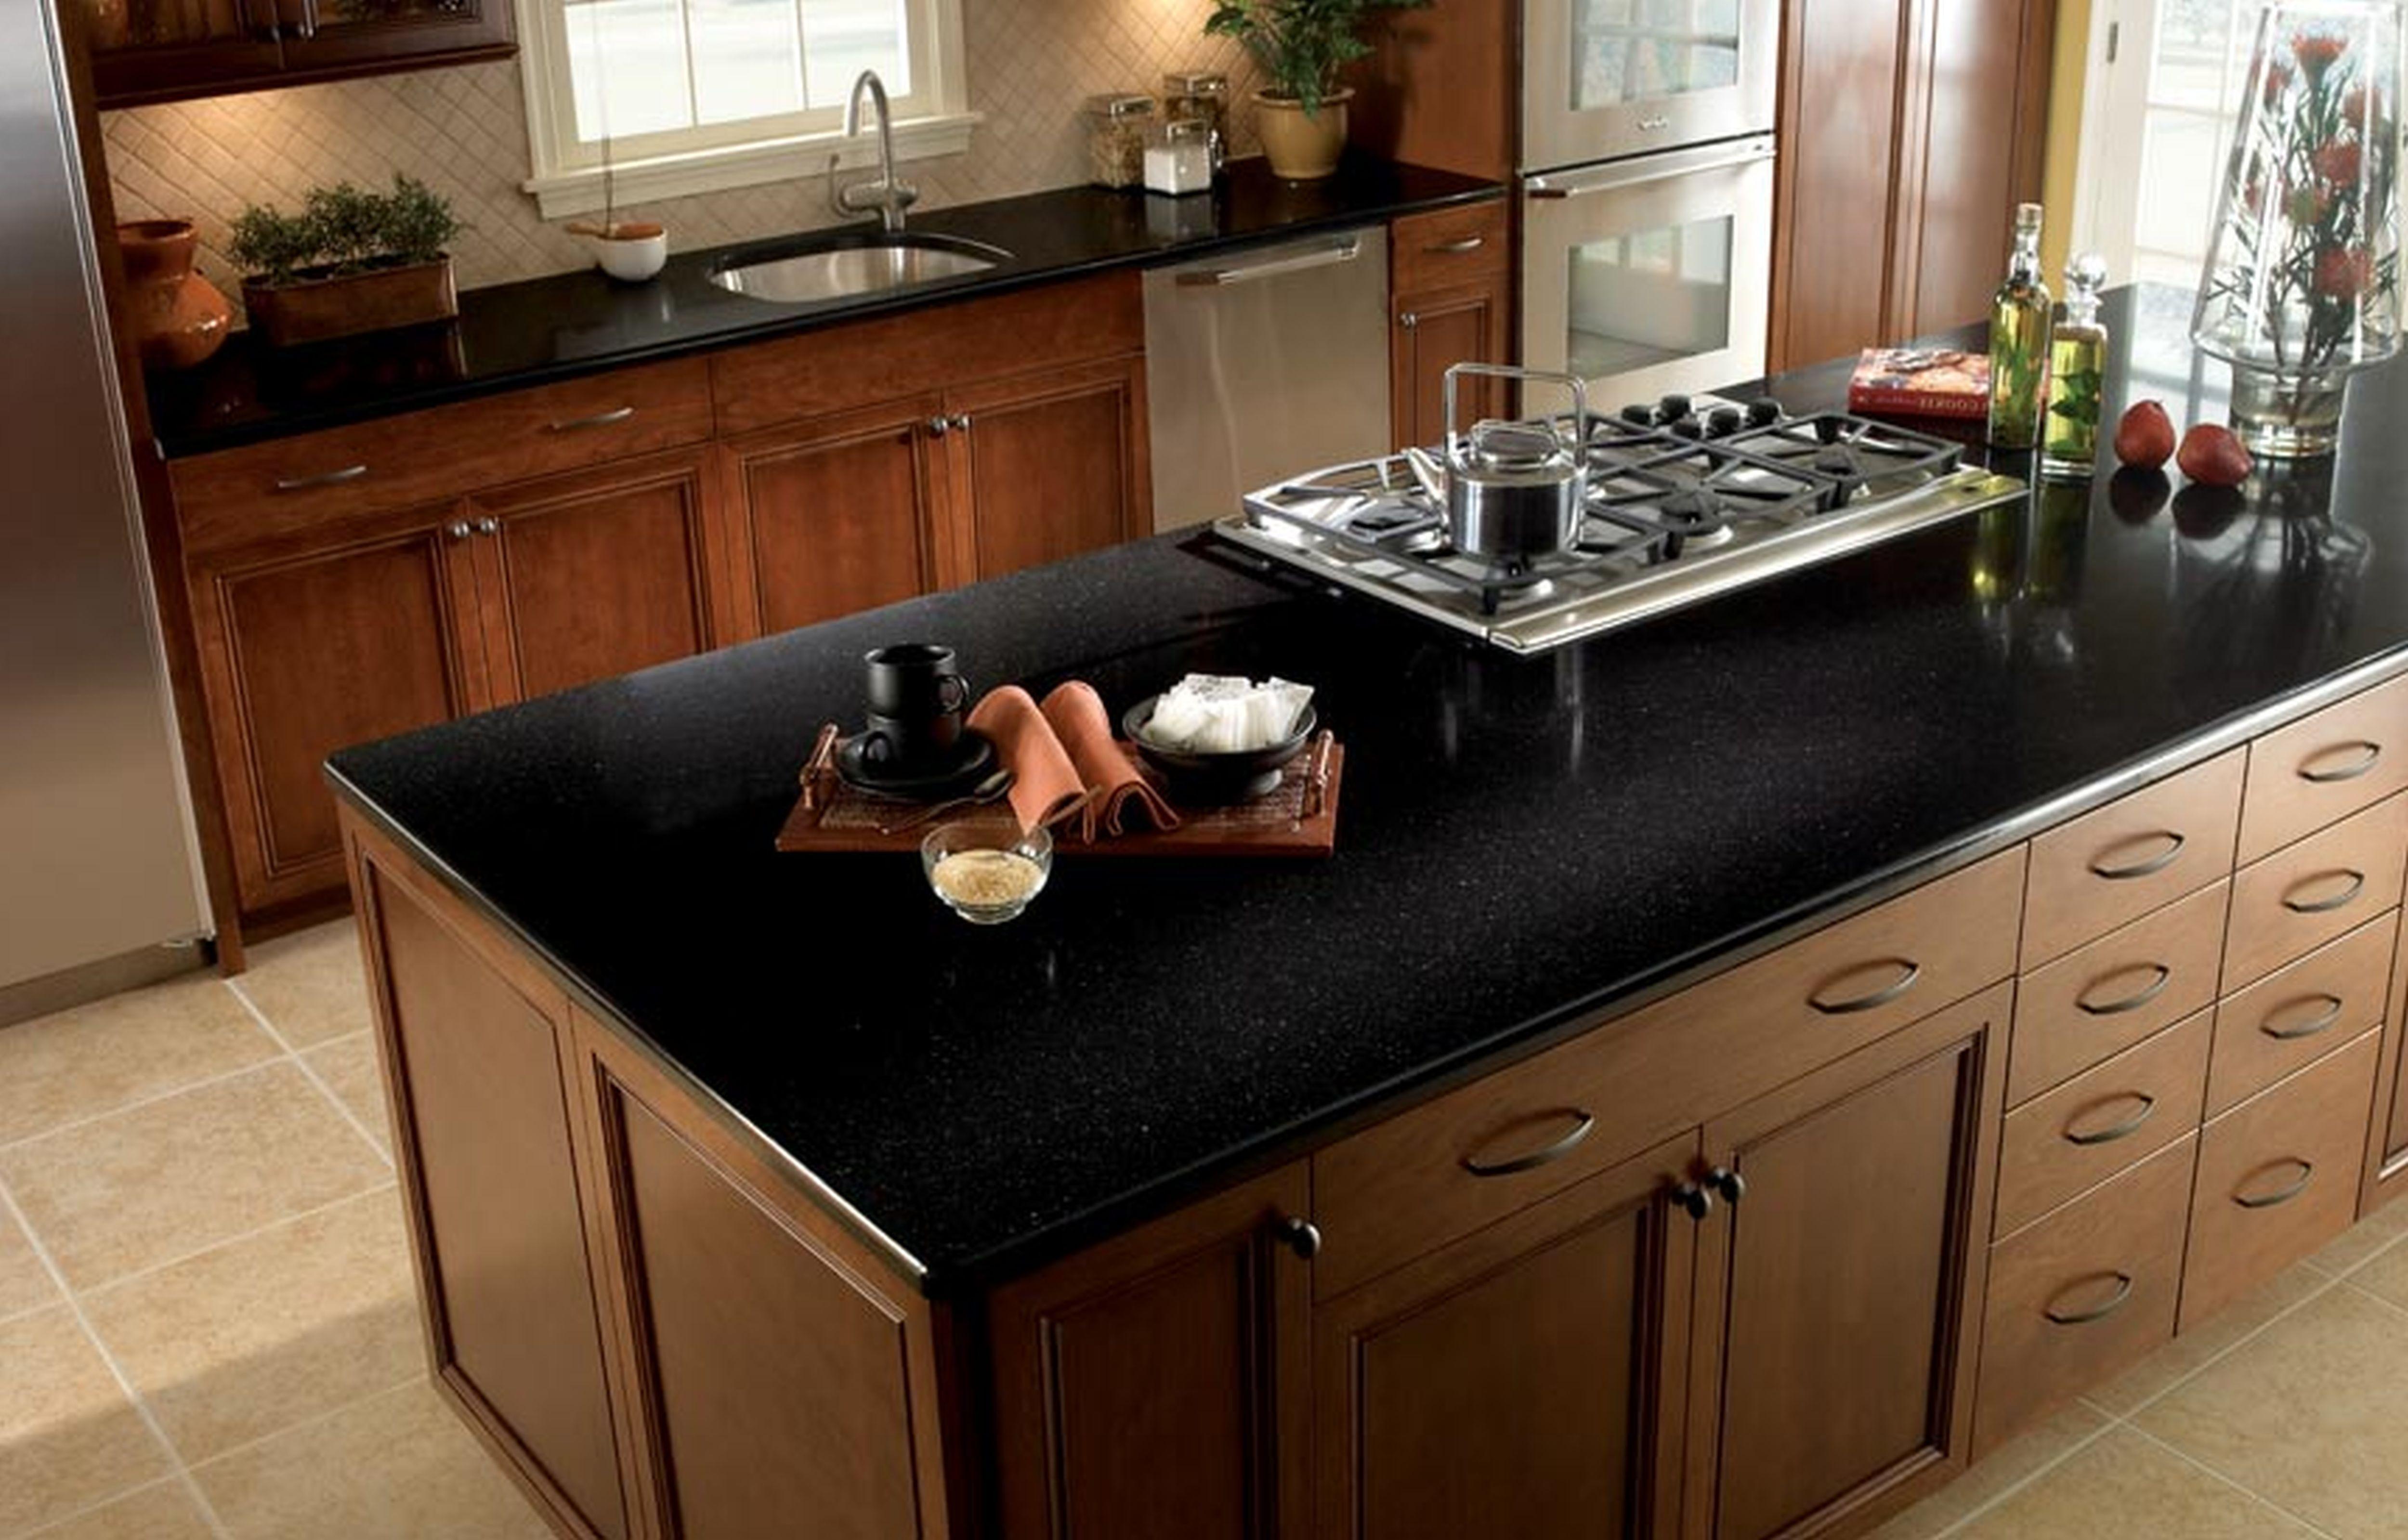 Tebas Black Quartz Kitchen Countertops Full Bull Nose Countertop Edge St Black Quartz Kitchen Countertops Quartz Kitchen Countertops Marble Countertops Kitchen